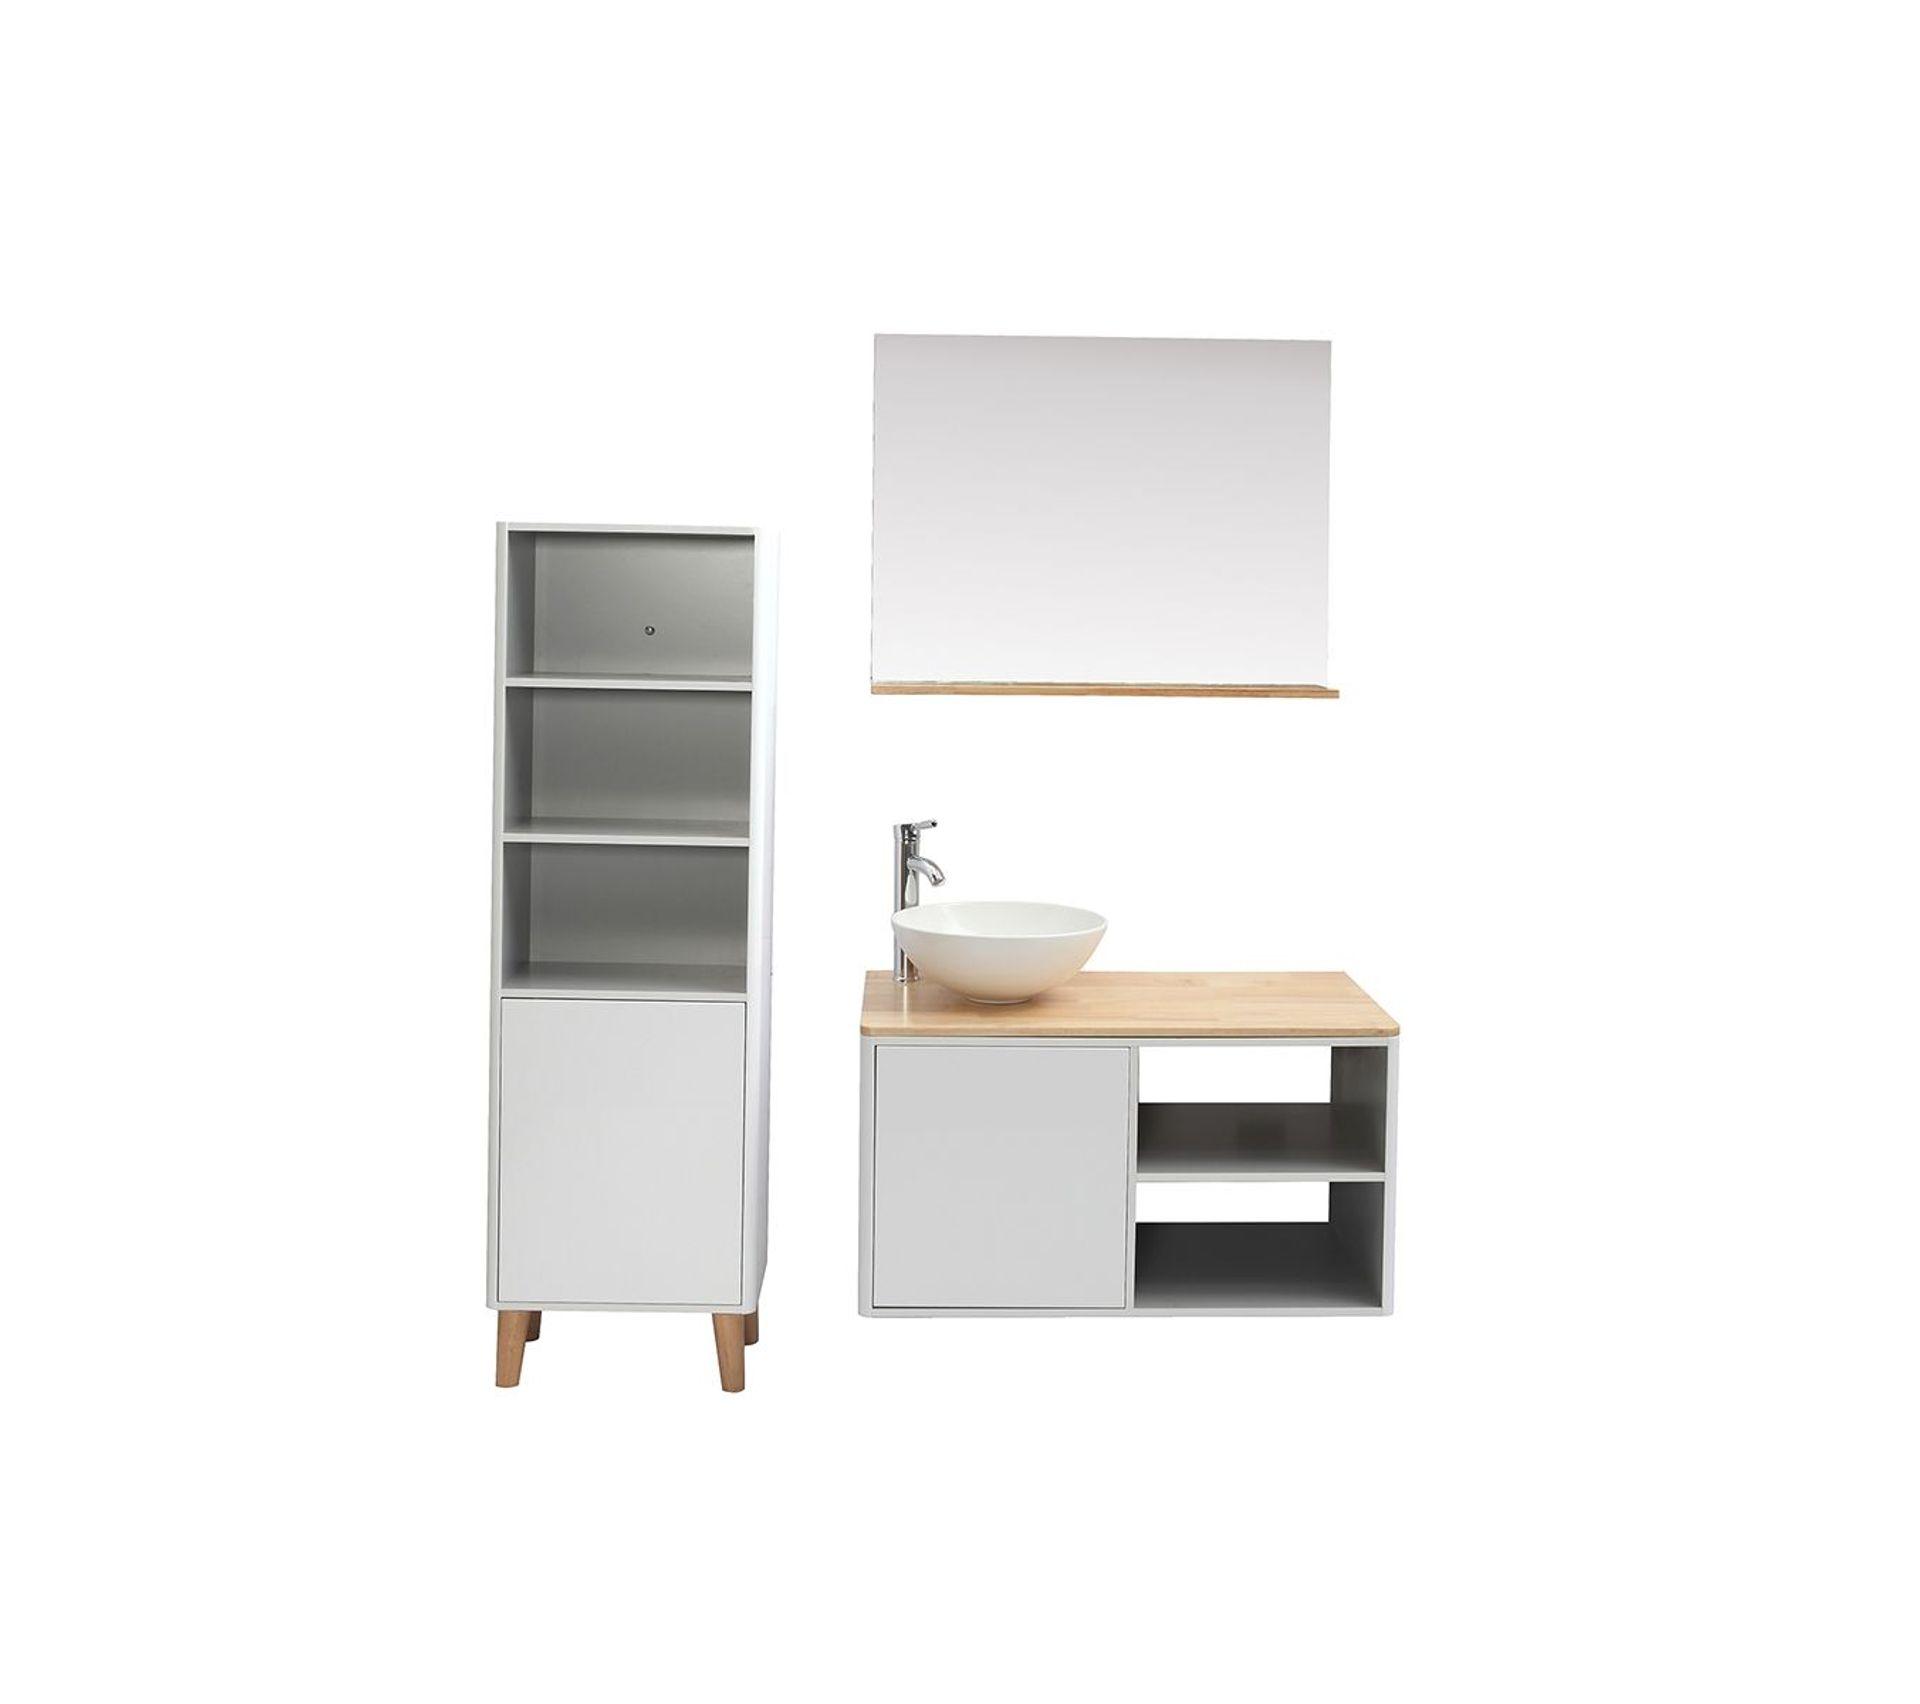 Meuble Pour Vasque Avec Colonne meubles de salle de bains avec colonne et miroir blanc et bois (sans  vasque) laïta